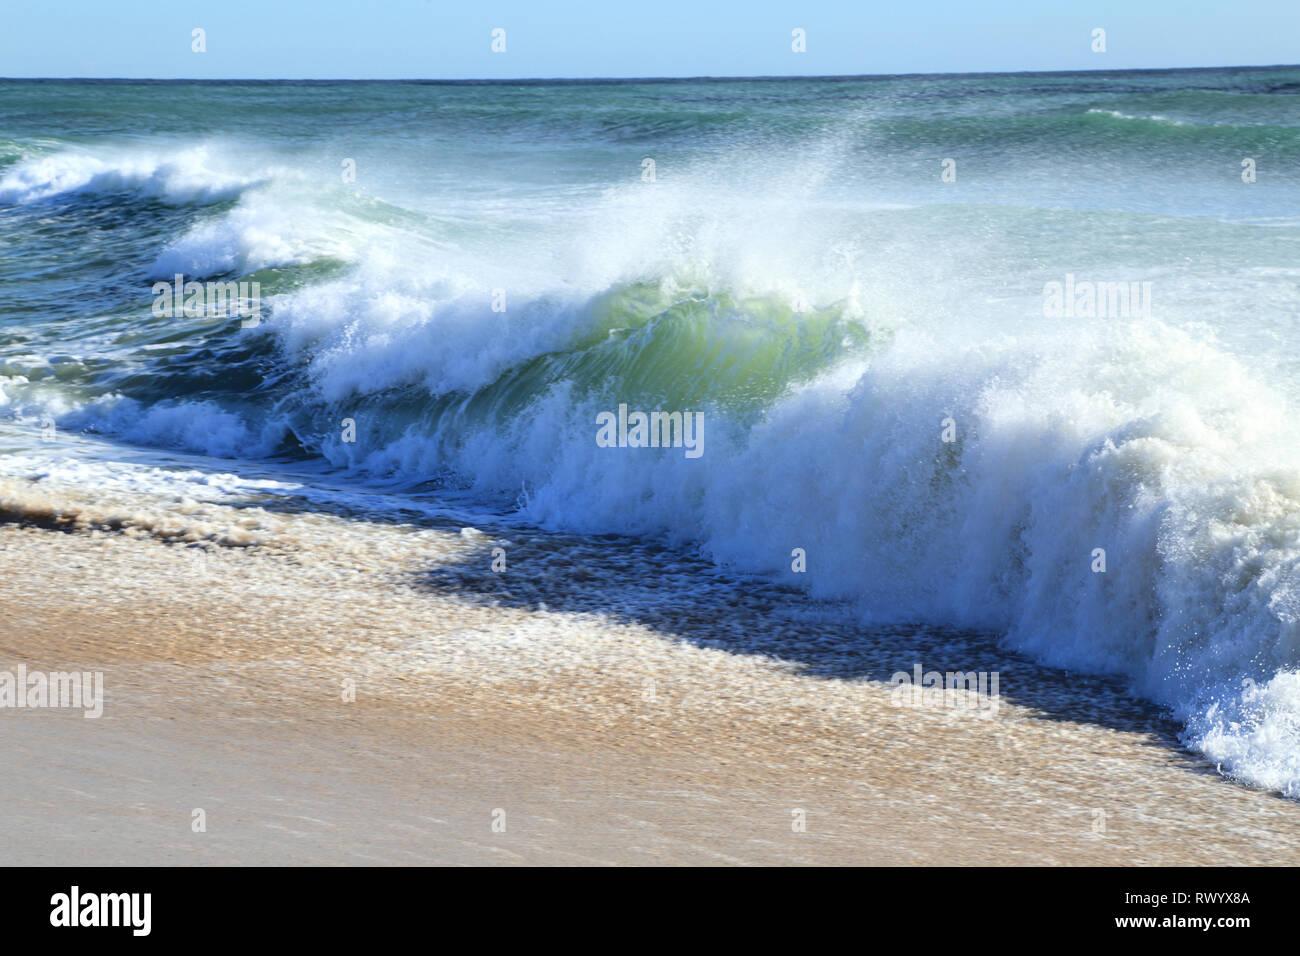 Ola rompiendo en el Mar Mediterráneo. Imagen De Stock